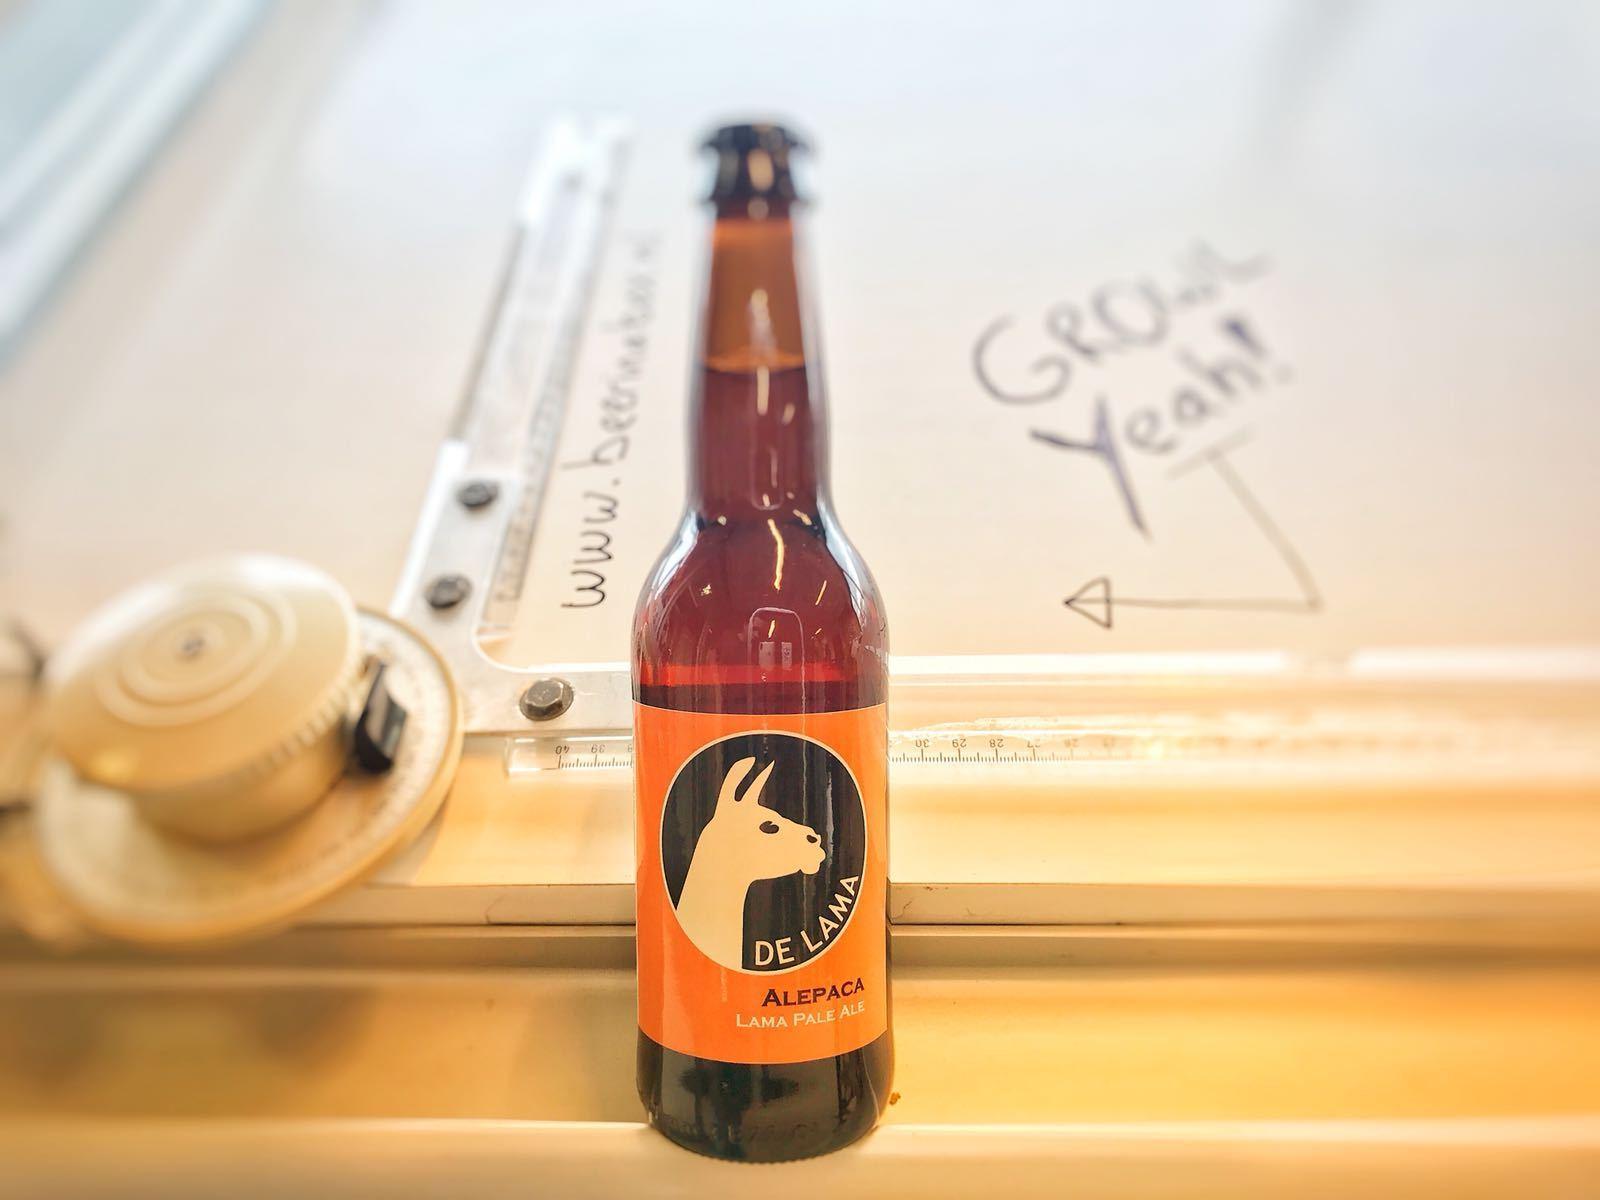 Alepaca van Brouwerij De Lama